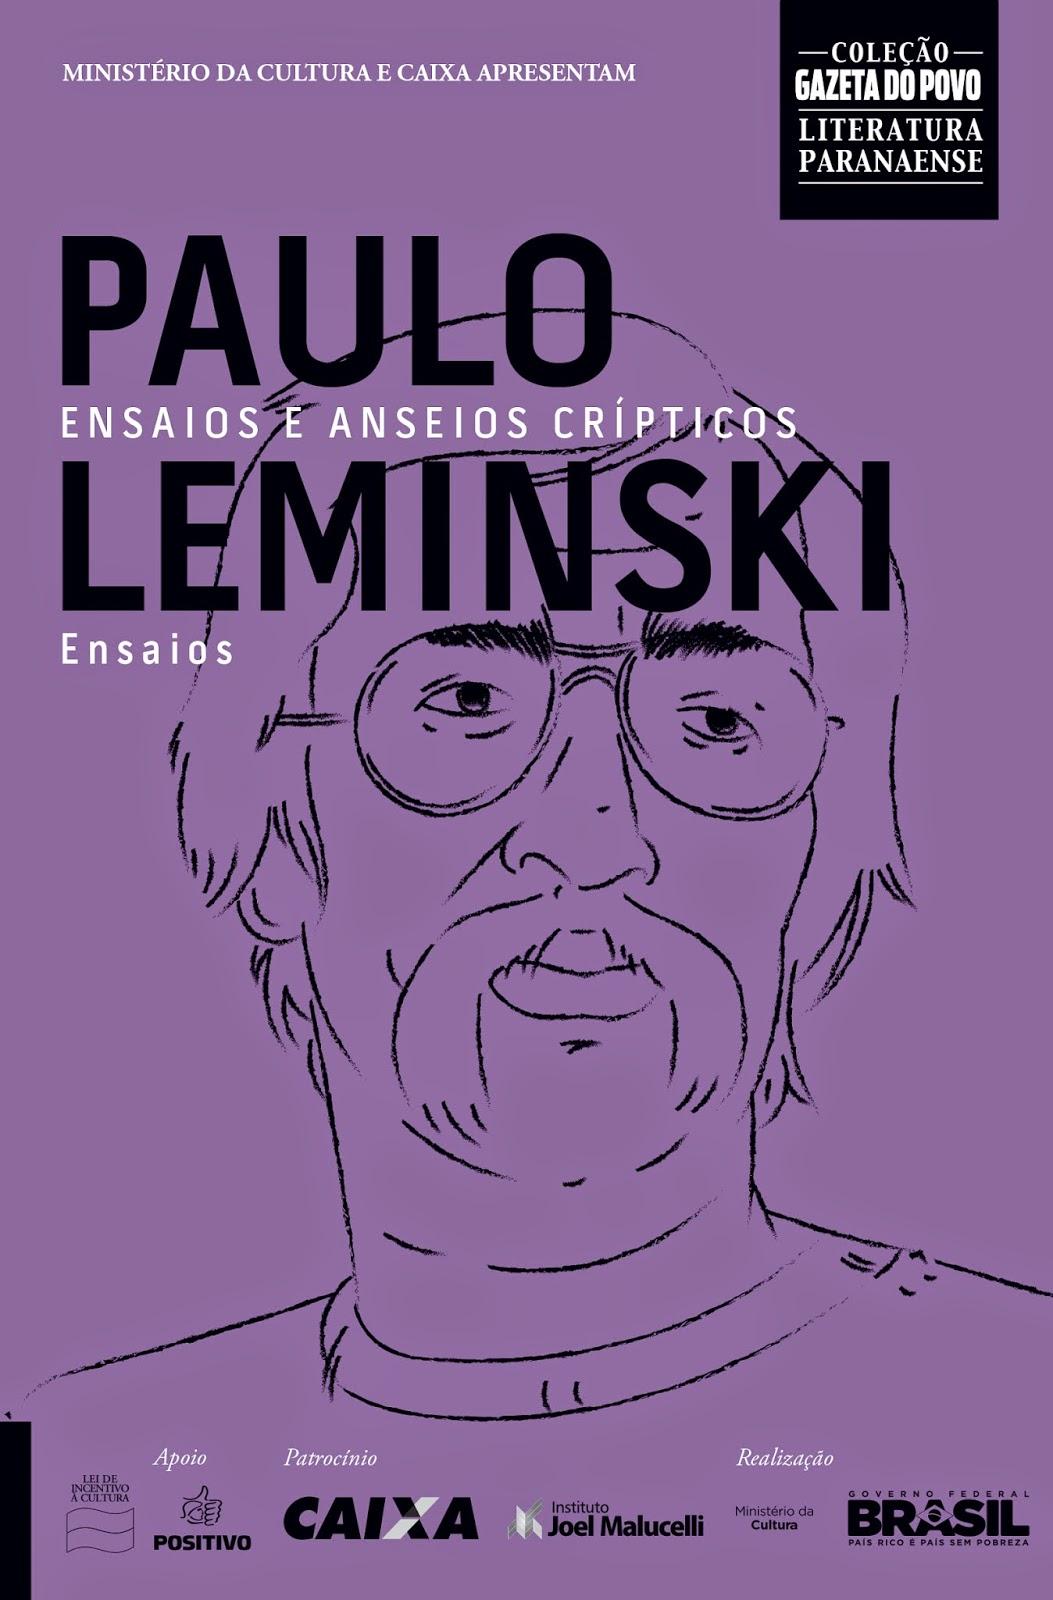 """d500b1d07c """"Ensaios e anseios crípticos"""", de Paulo Leminski, foi reeditado e poderá  ser adquirido pela Coleção no dia 28 de Novembro. O livro traz uma  oportunidade de ..."""